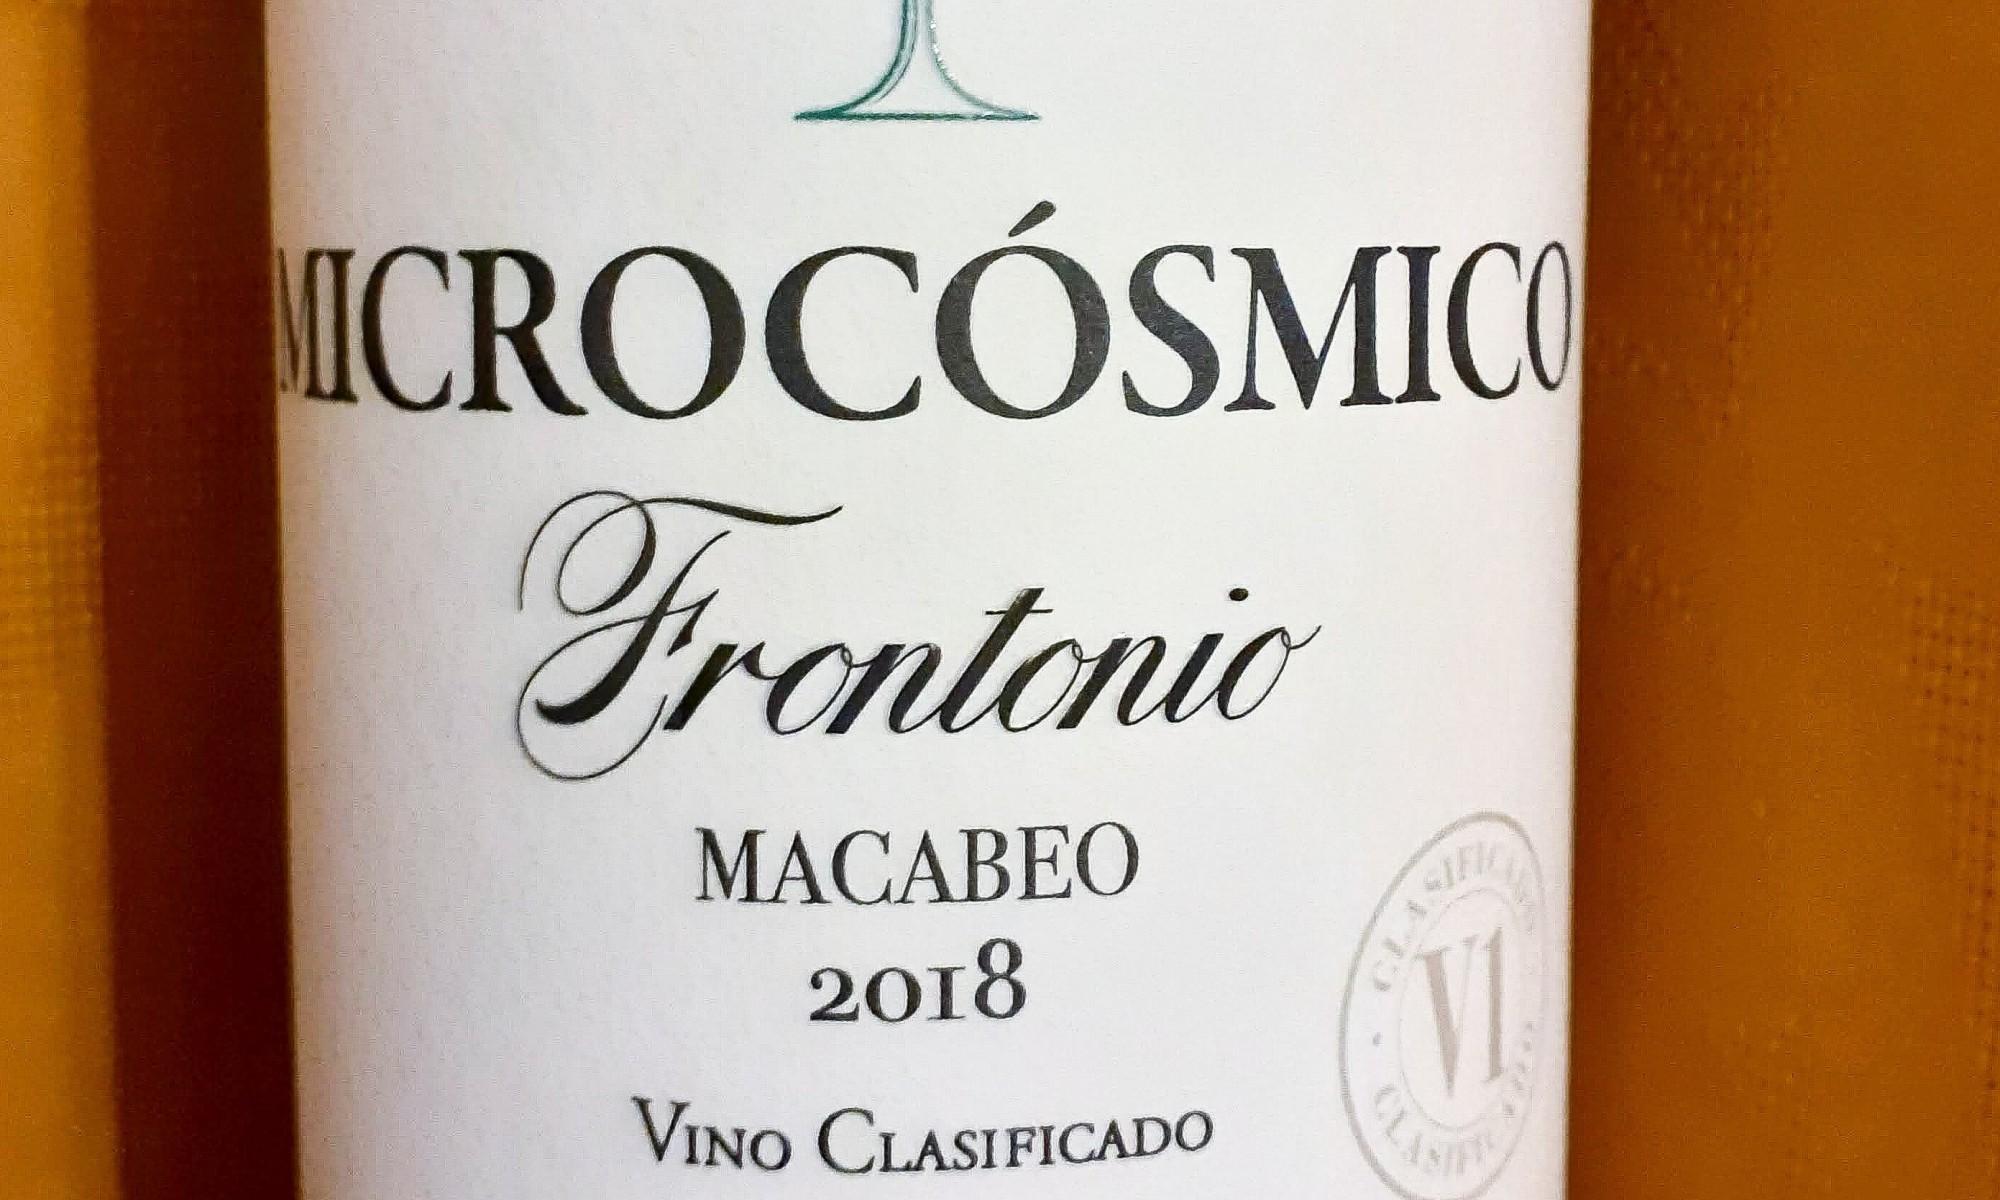 Bodegas Frontonio Microcósmico Macabeo Valdejalón IGP 2018